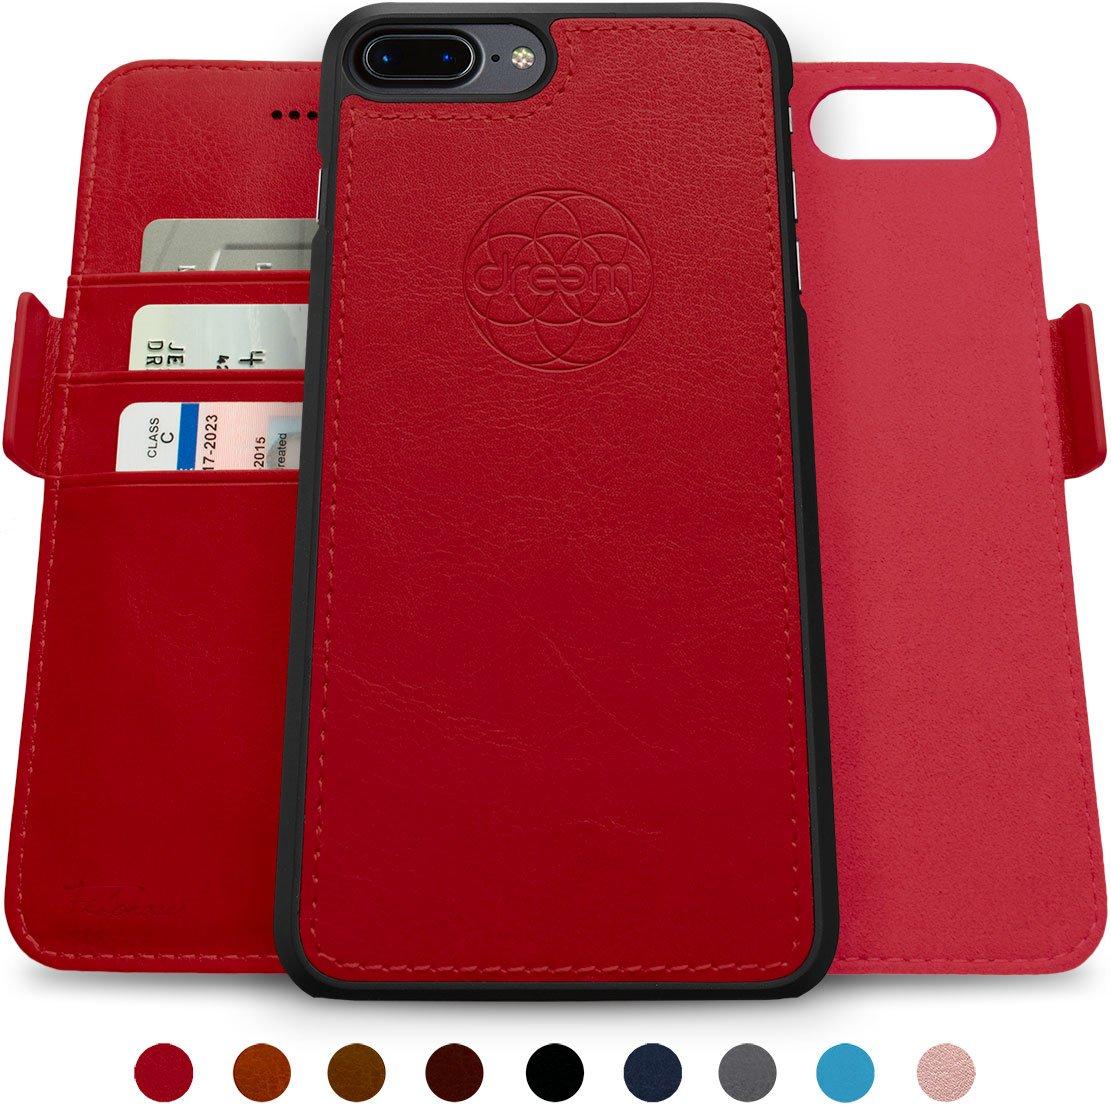 designer iphone 7 plus folio cases amazon comdreem fibonacci 2 in 1 wallet case for iphone 8 plus \u0026